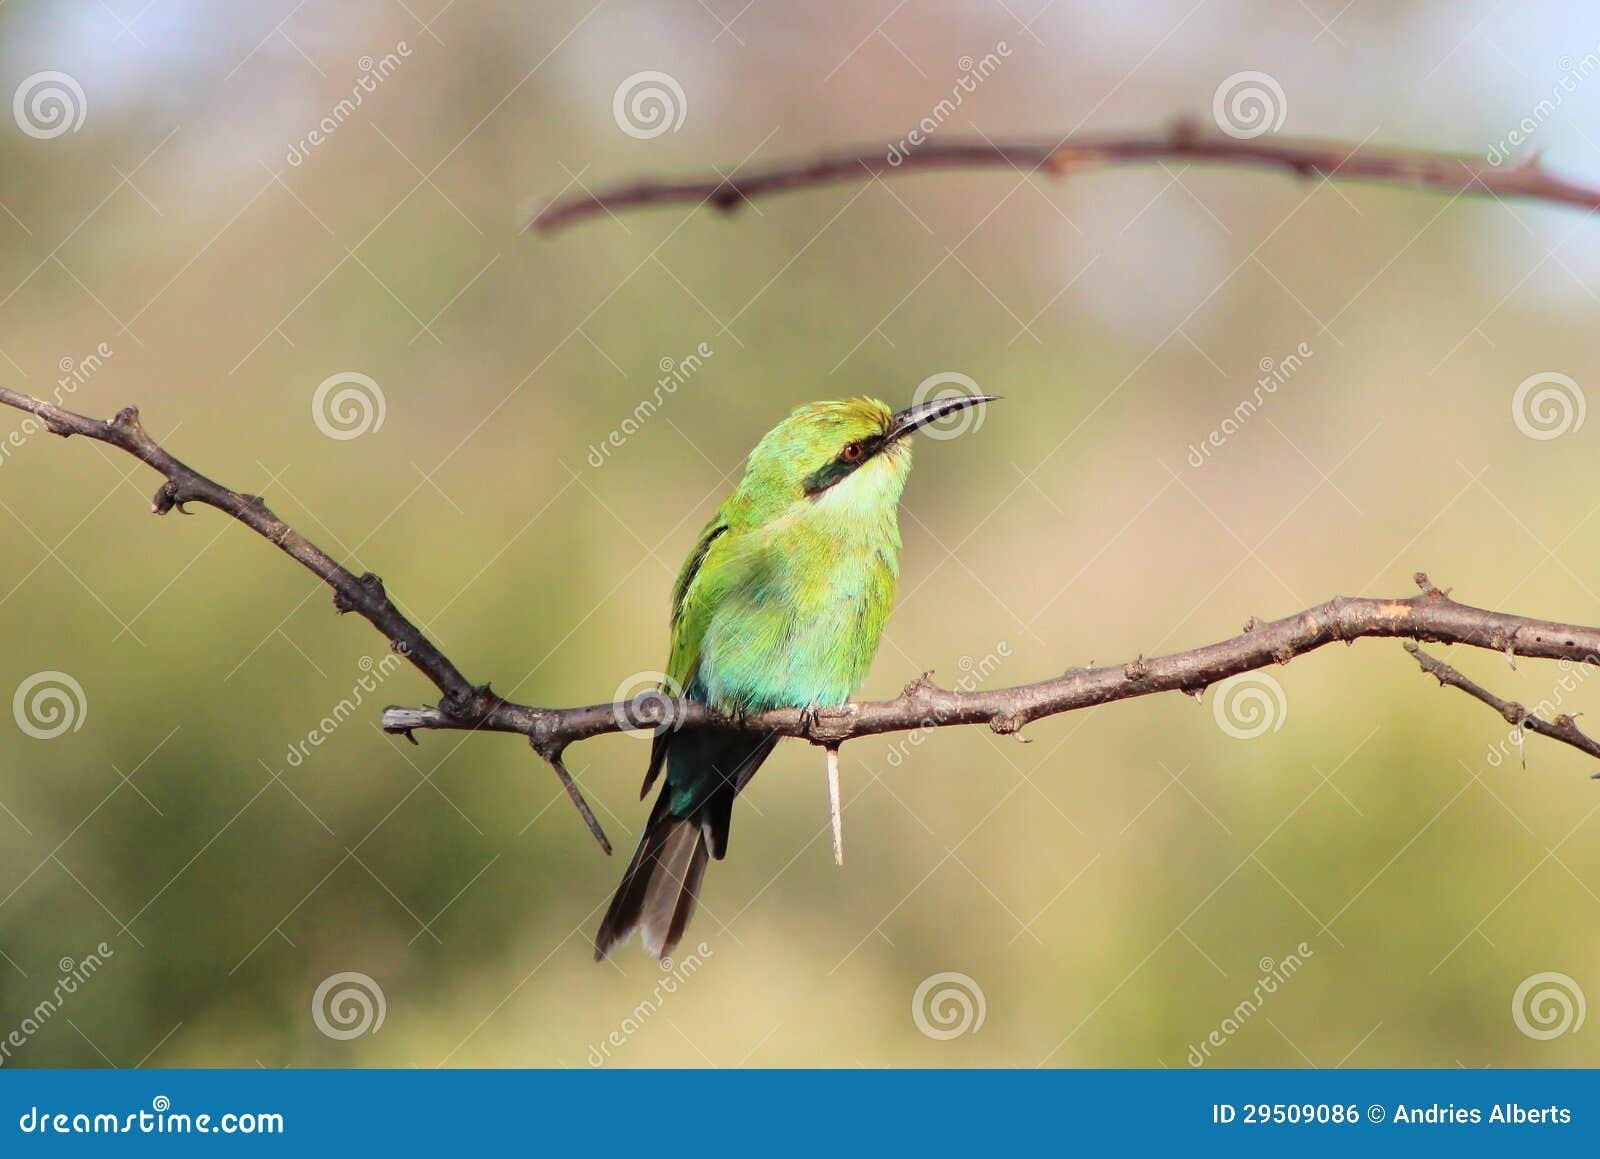 Afrikaanse Wilde Vogels - bij-Eter Greens